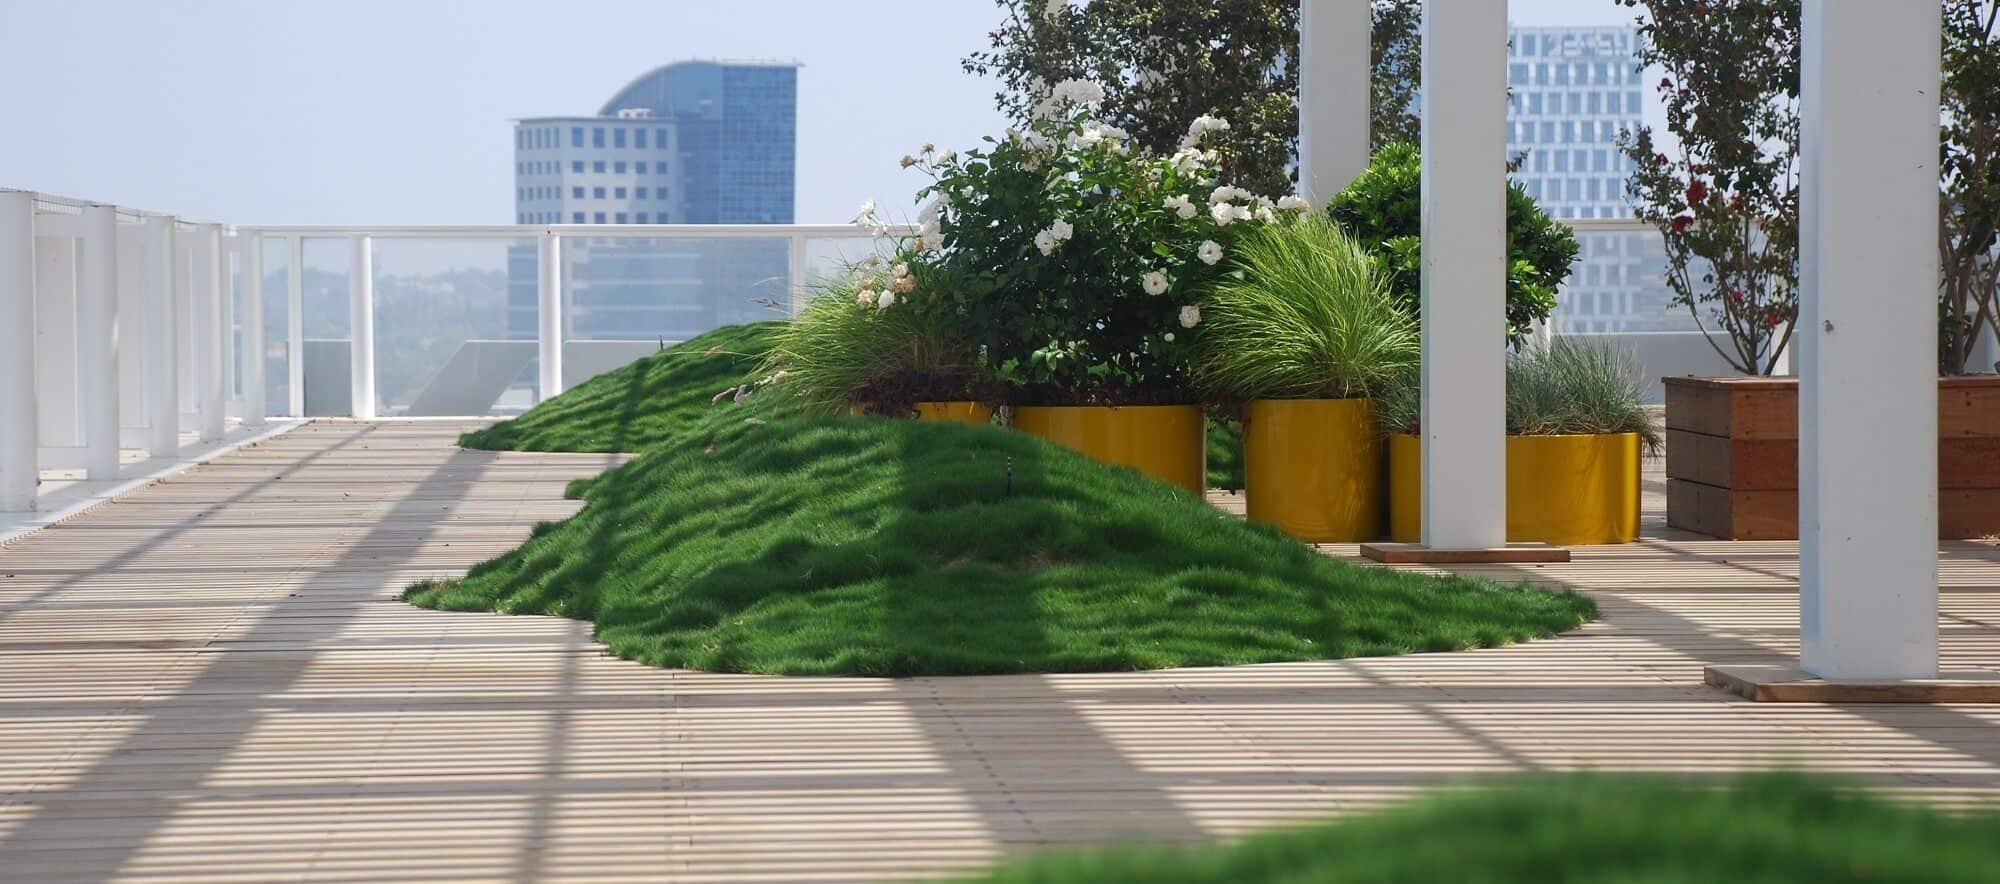 גינת גג מעוצבת עם צמחים ודשא סינטטי